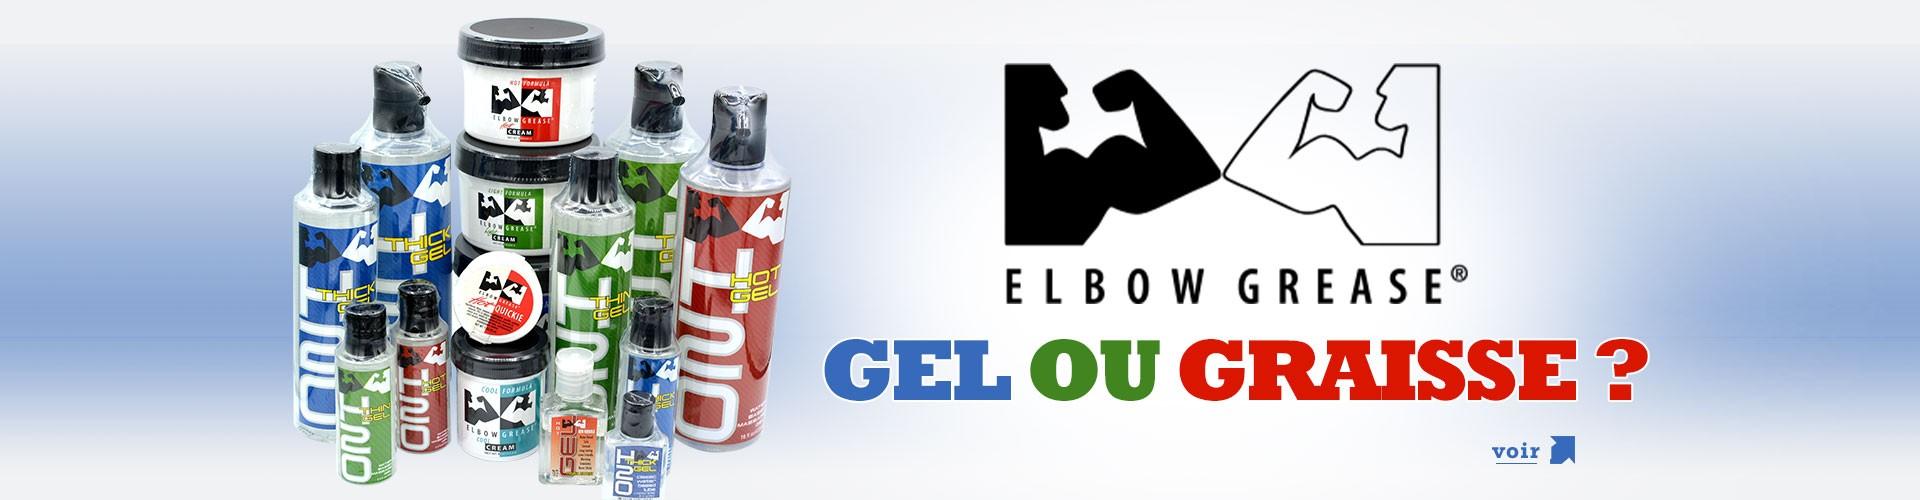 Les Gels et graisses Elbow Grease chez IEM Paris